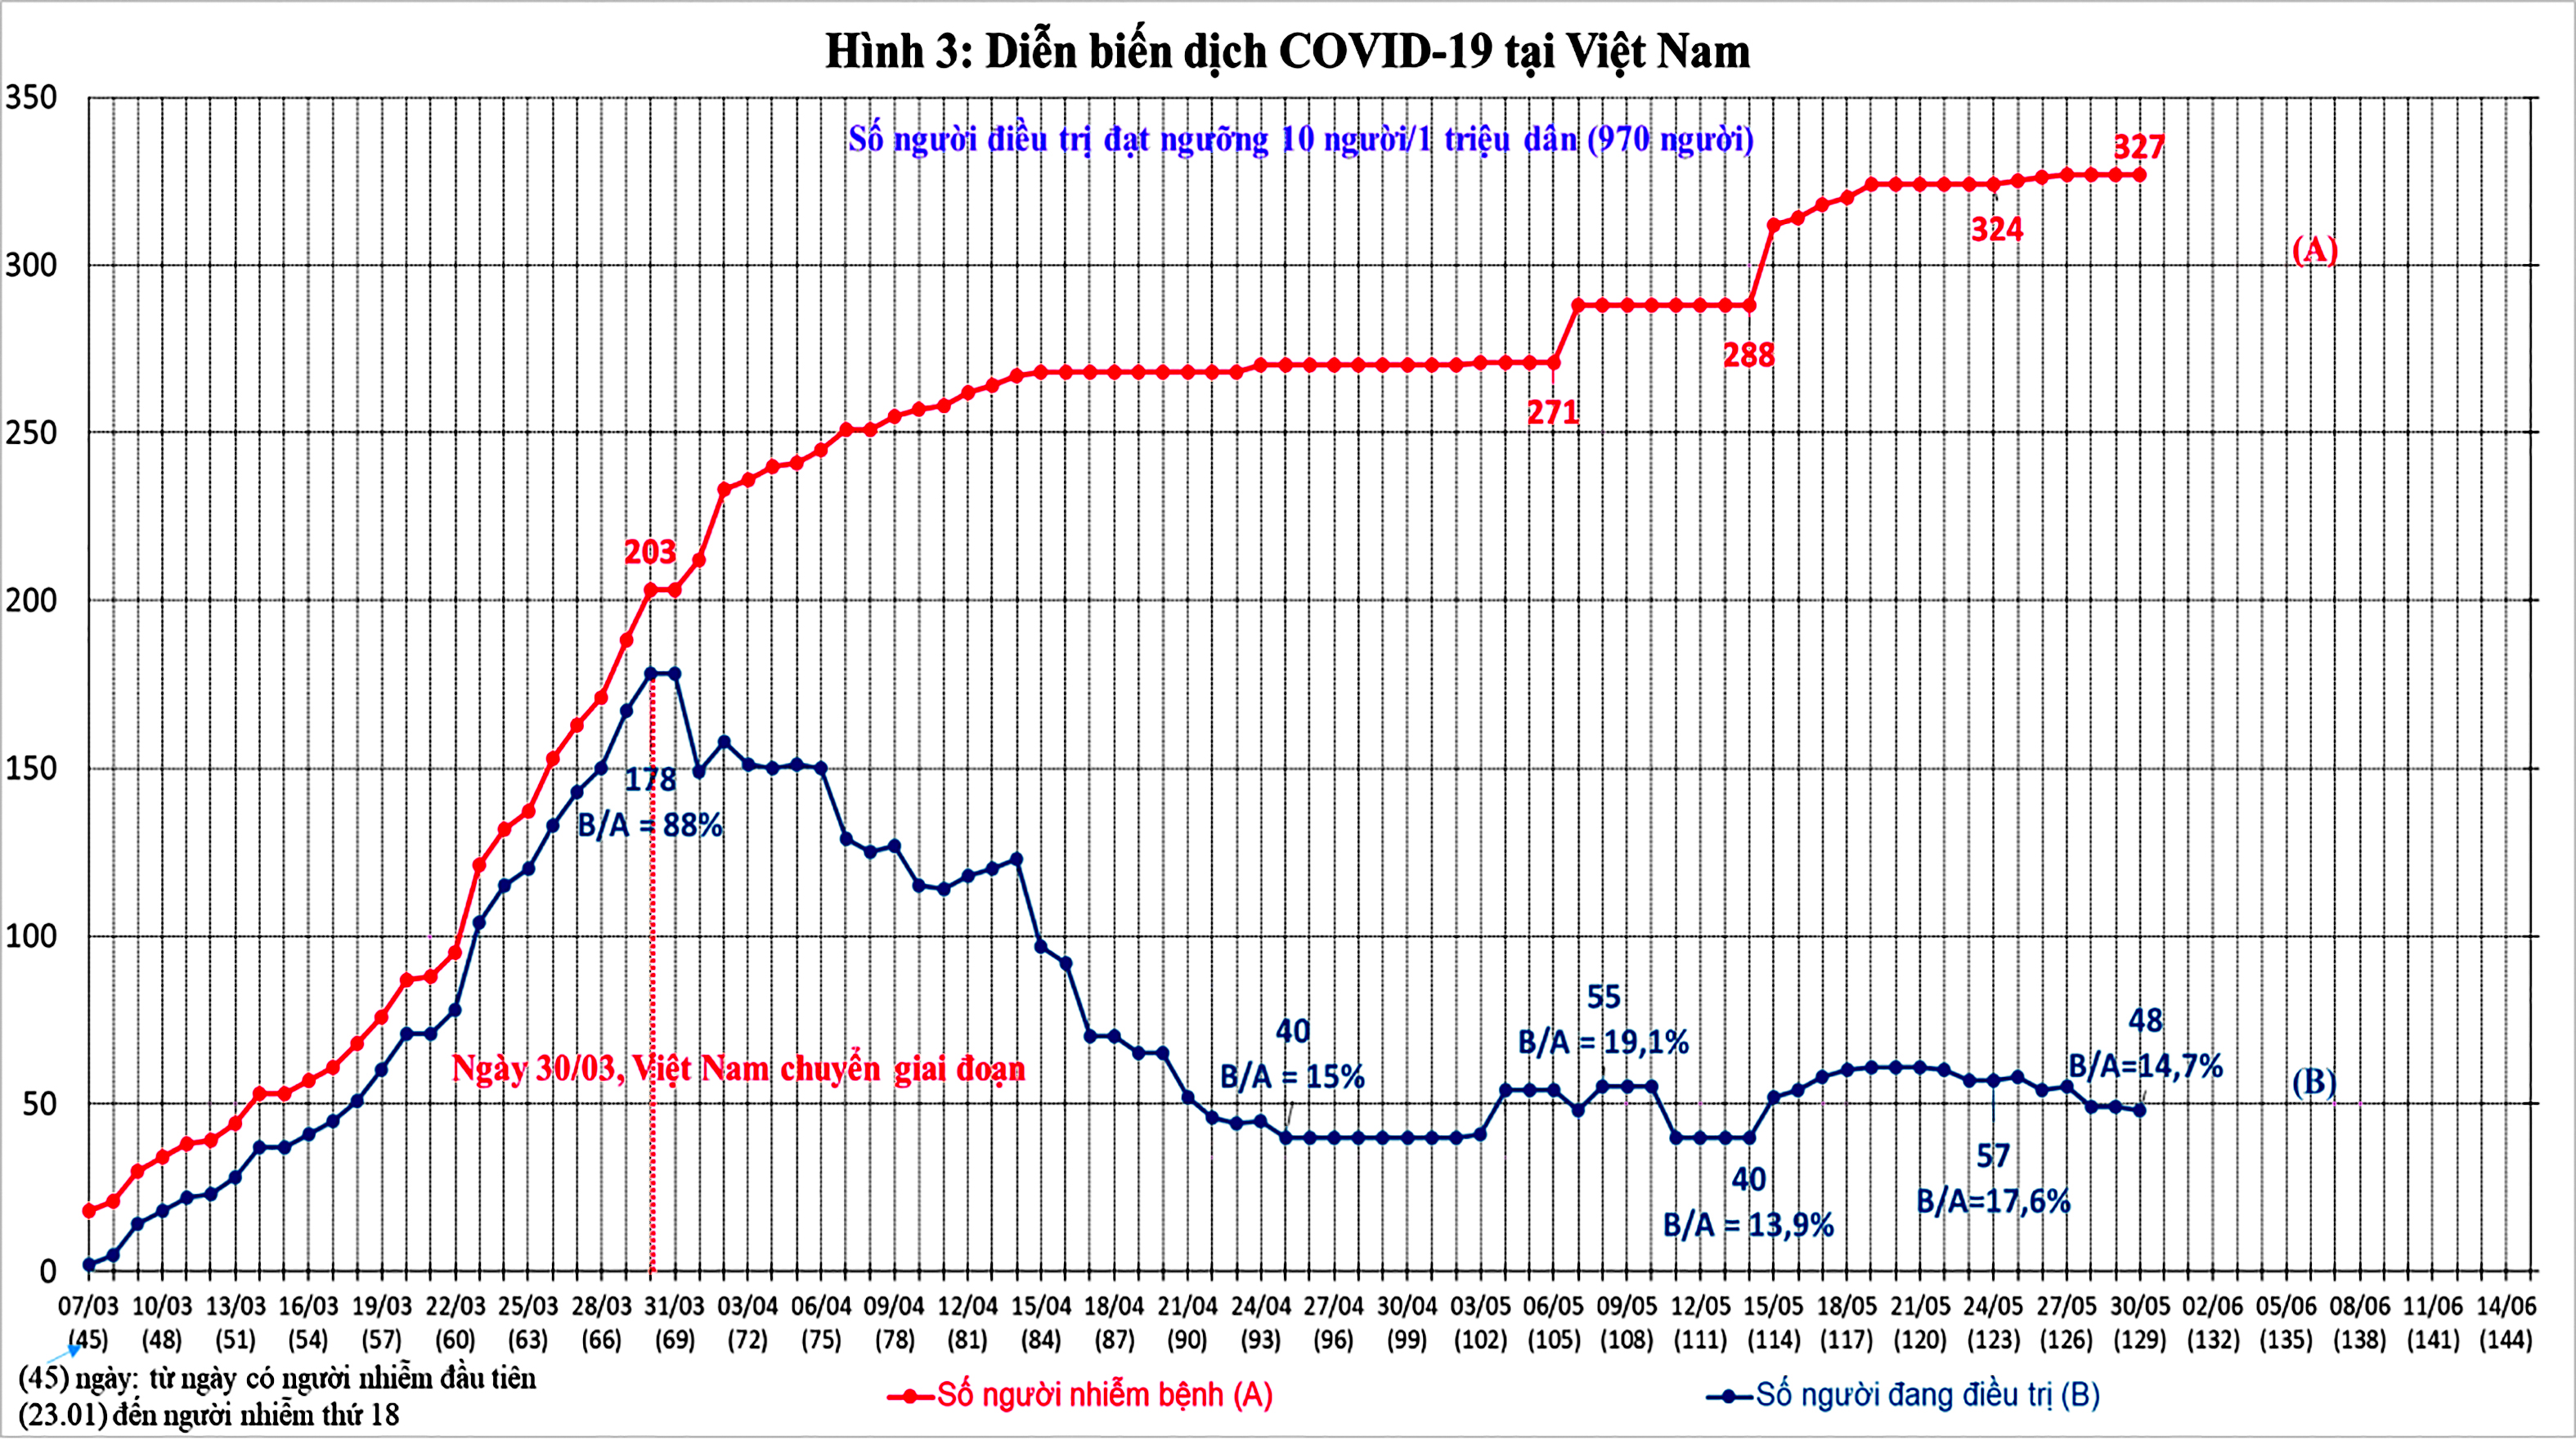 Diễn biến dịch COVID-19 trên thế giới và kiến nghị 9 nhóm giải pháp phục hồi phát triển kinh tế Việt Nam ảnh 6